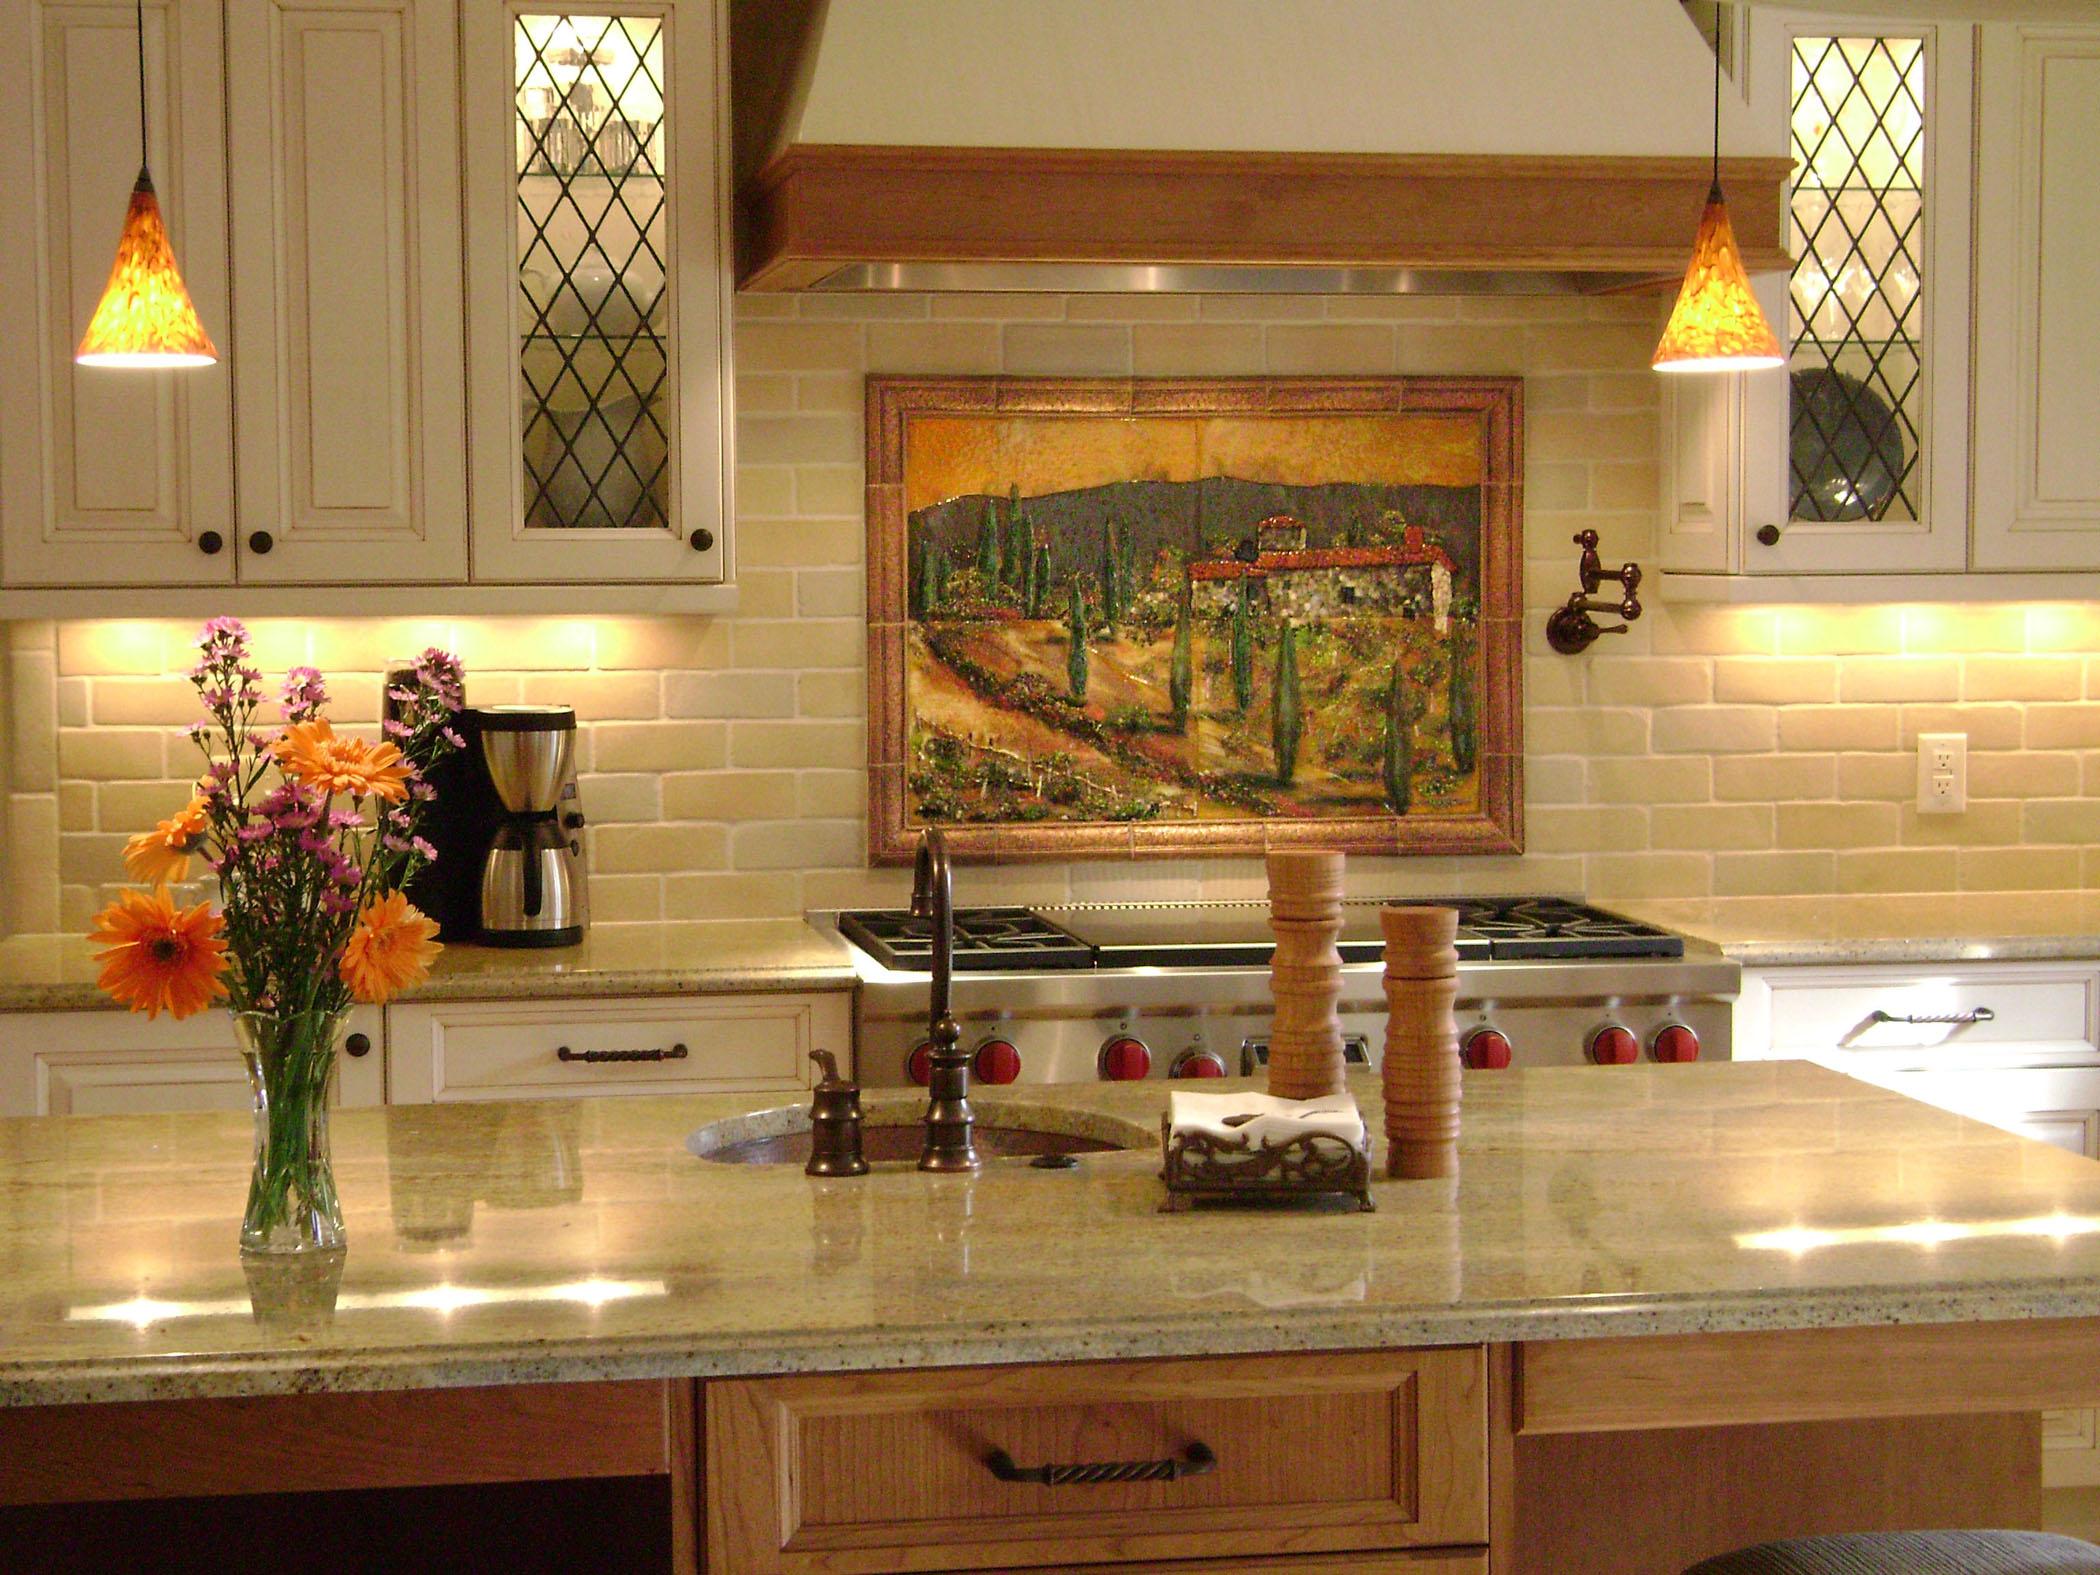 Fused Glass Kitchen Backsplash In Tuscany Theme Designer Mosaics